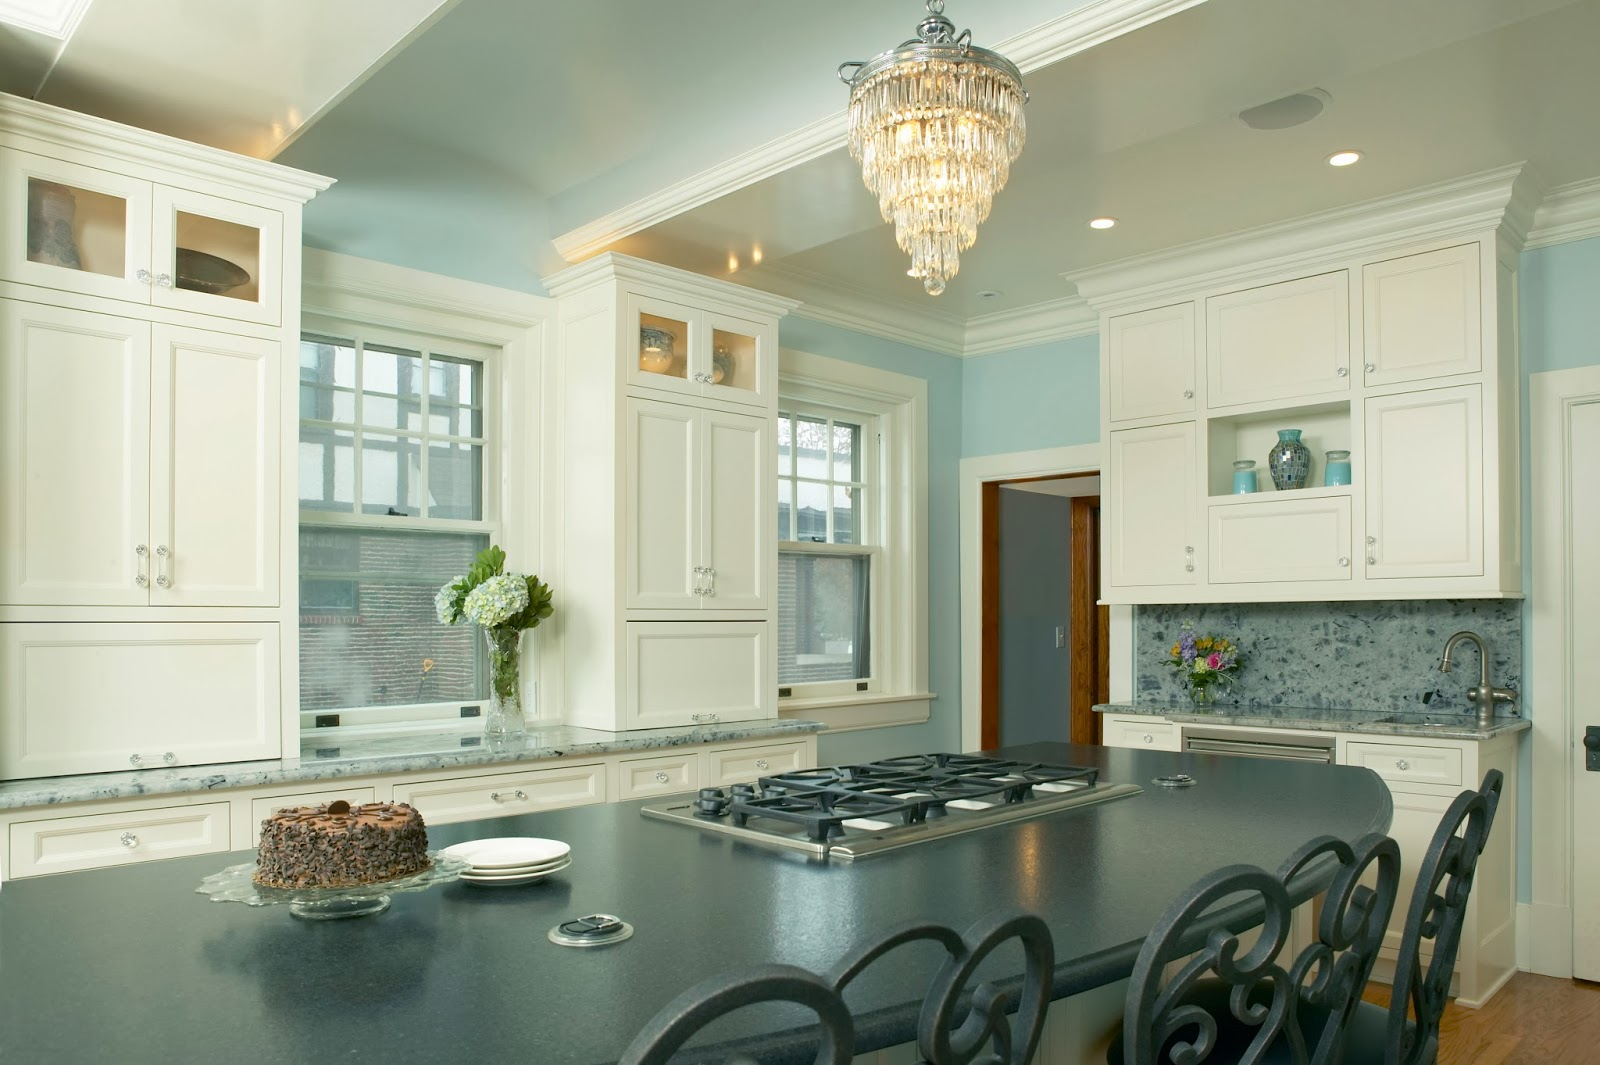 Hearthwood Kitchens: Cabinet Finishes 101